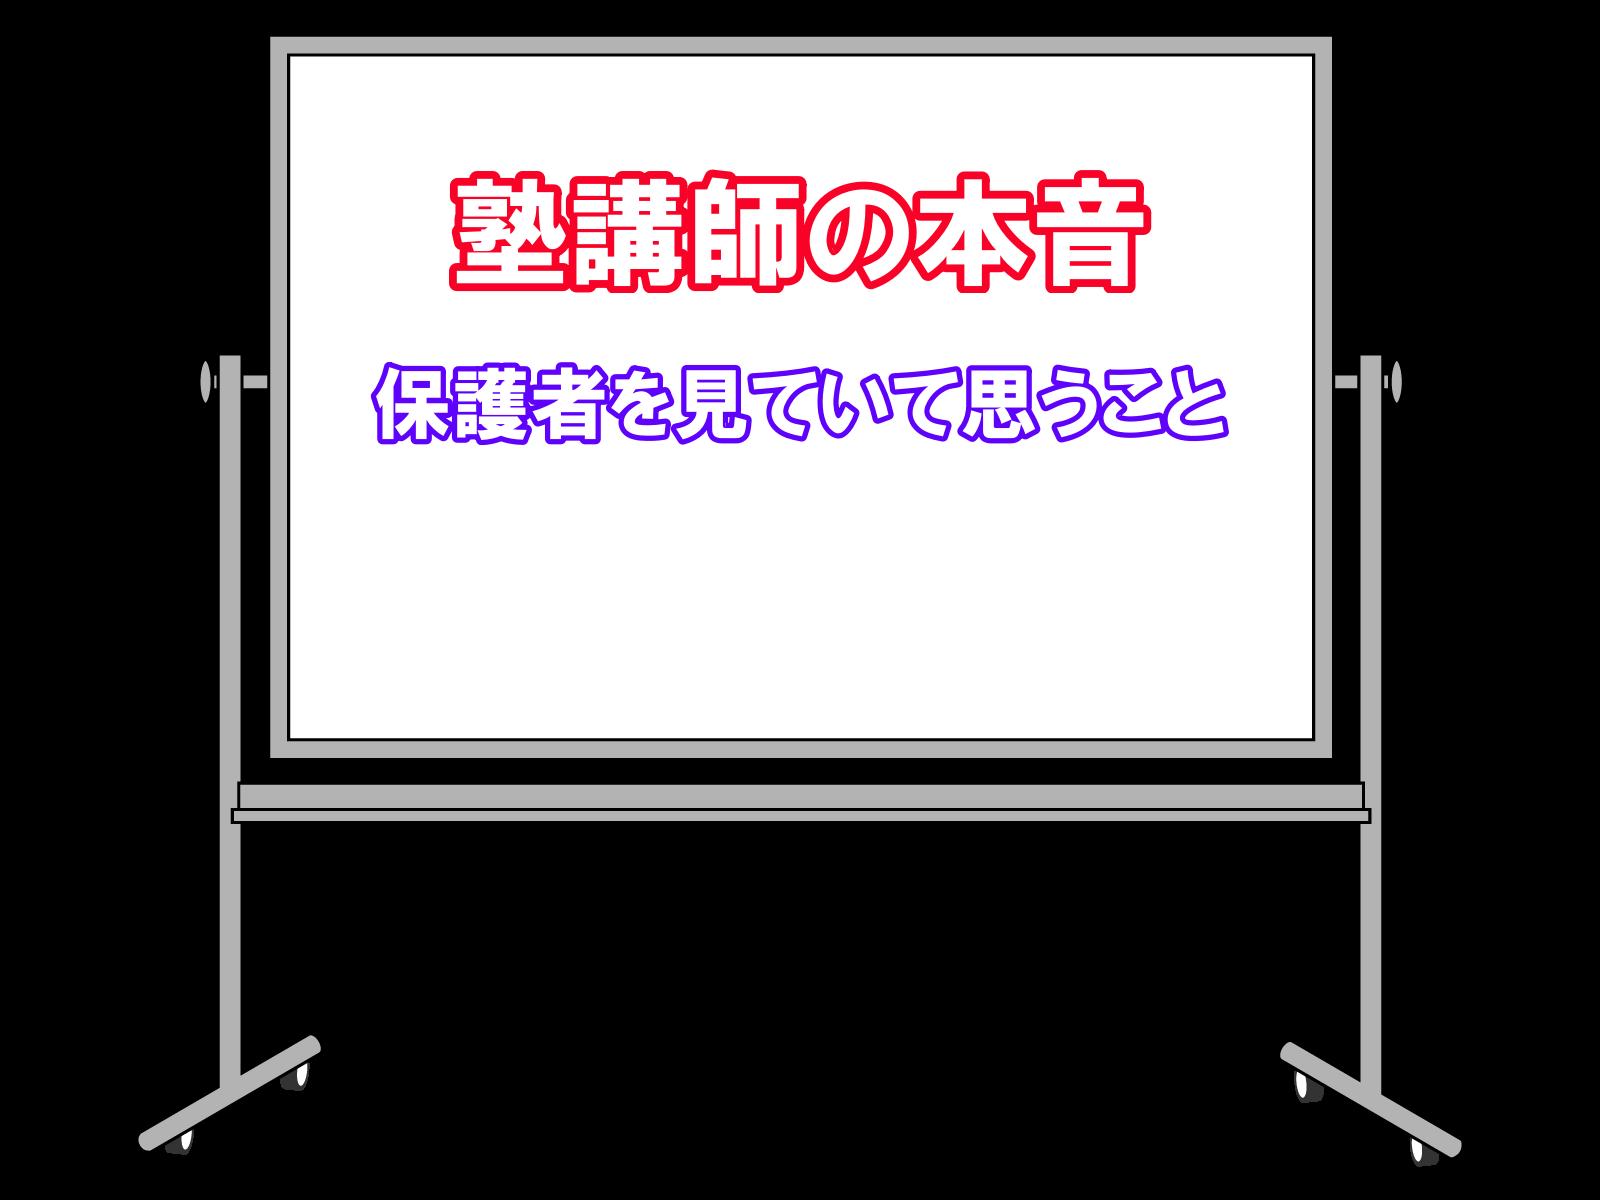 塾講師の本音(保護者を見ていて思うこと)